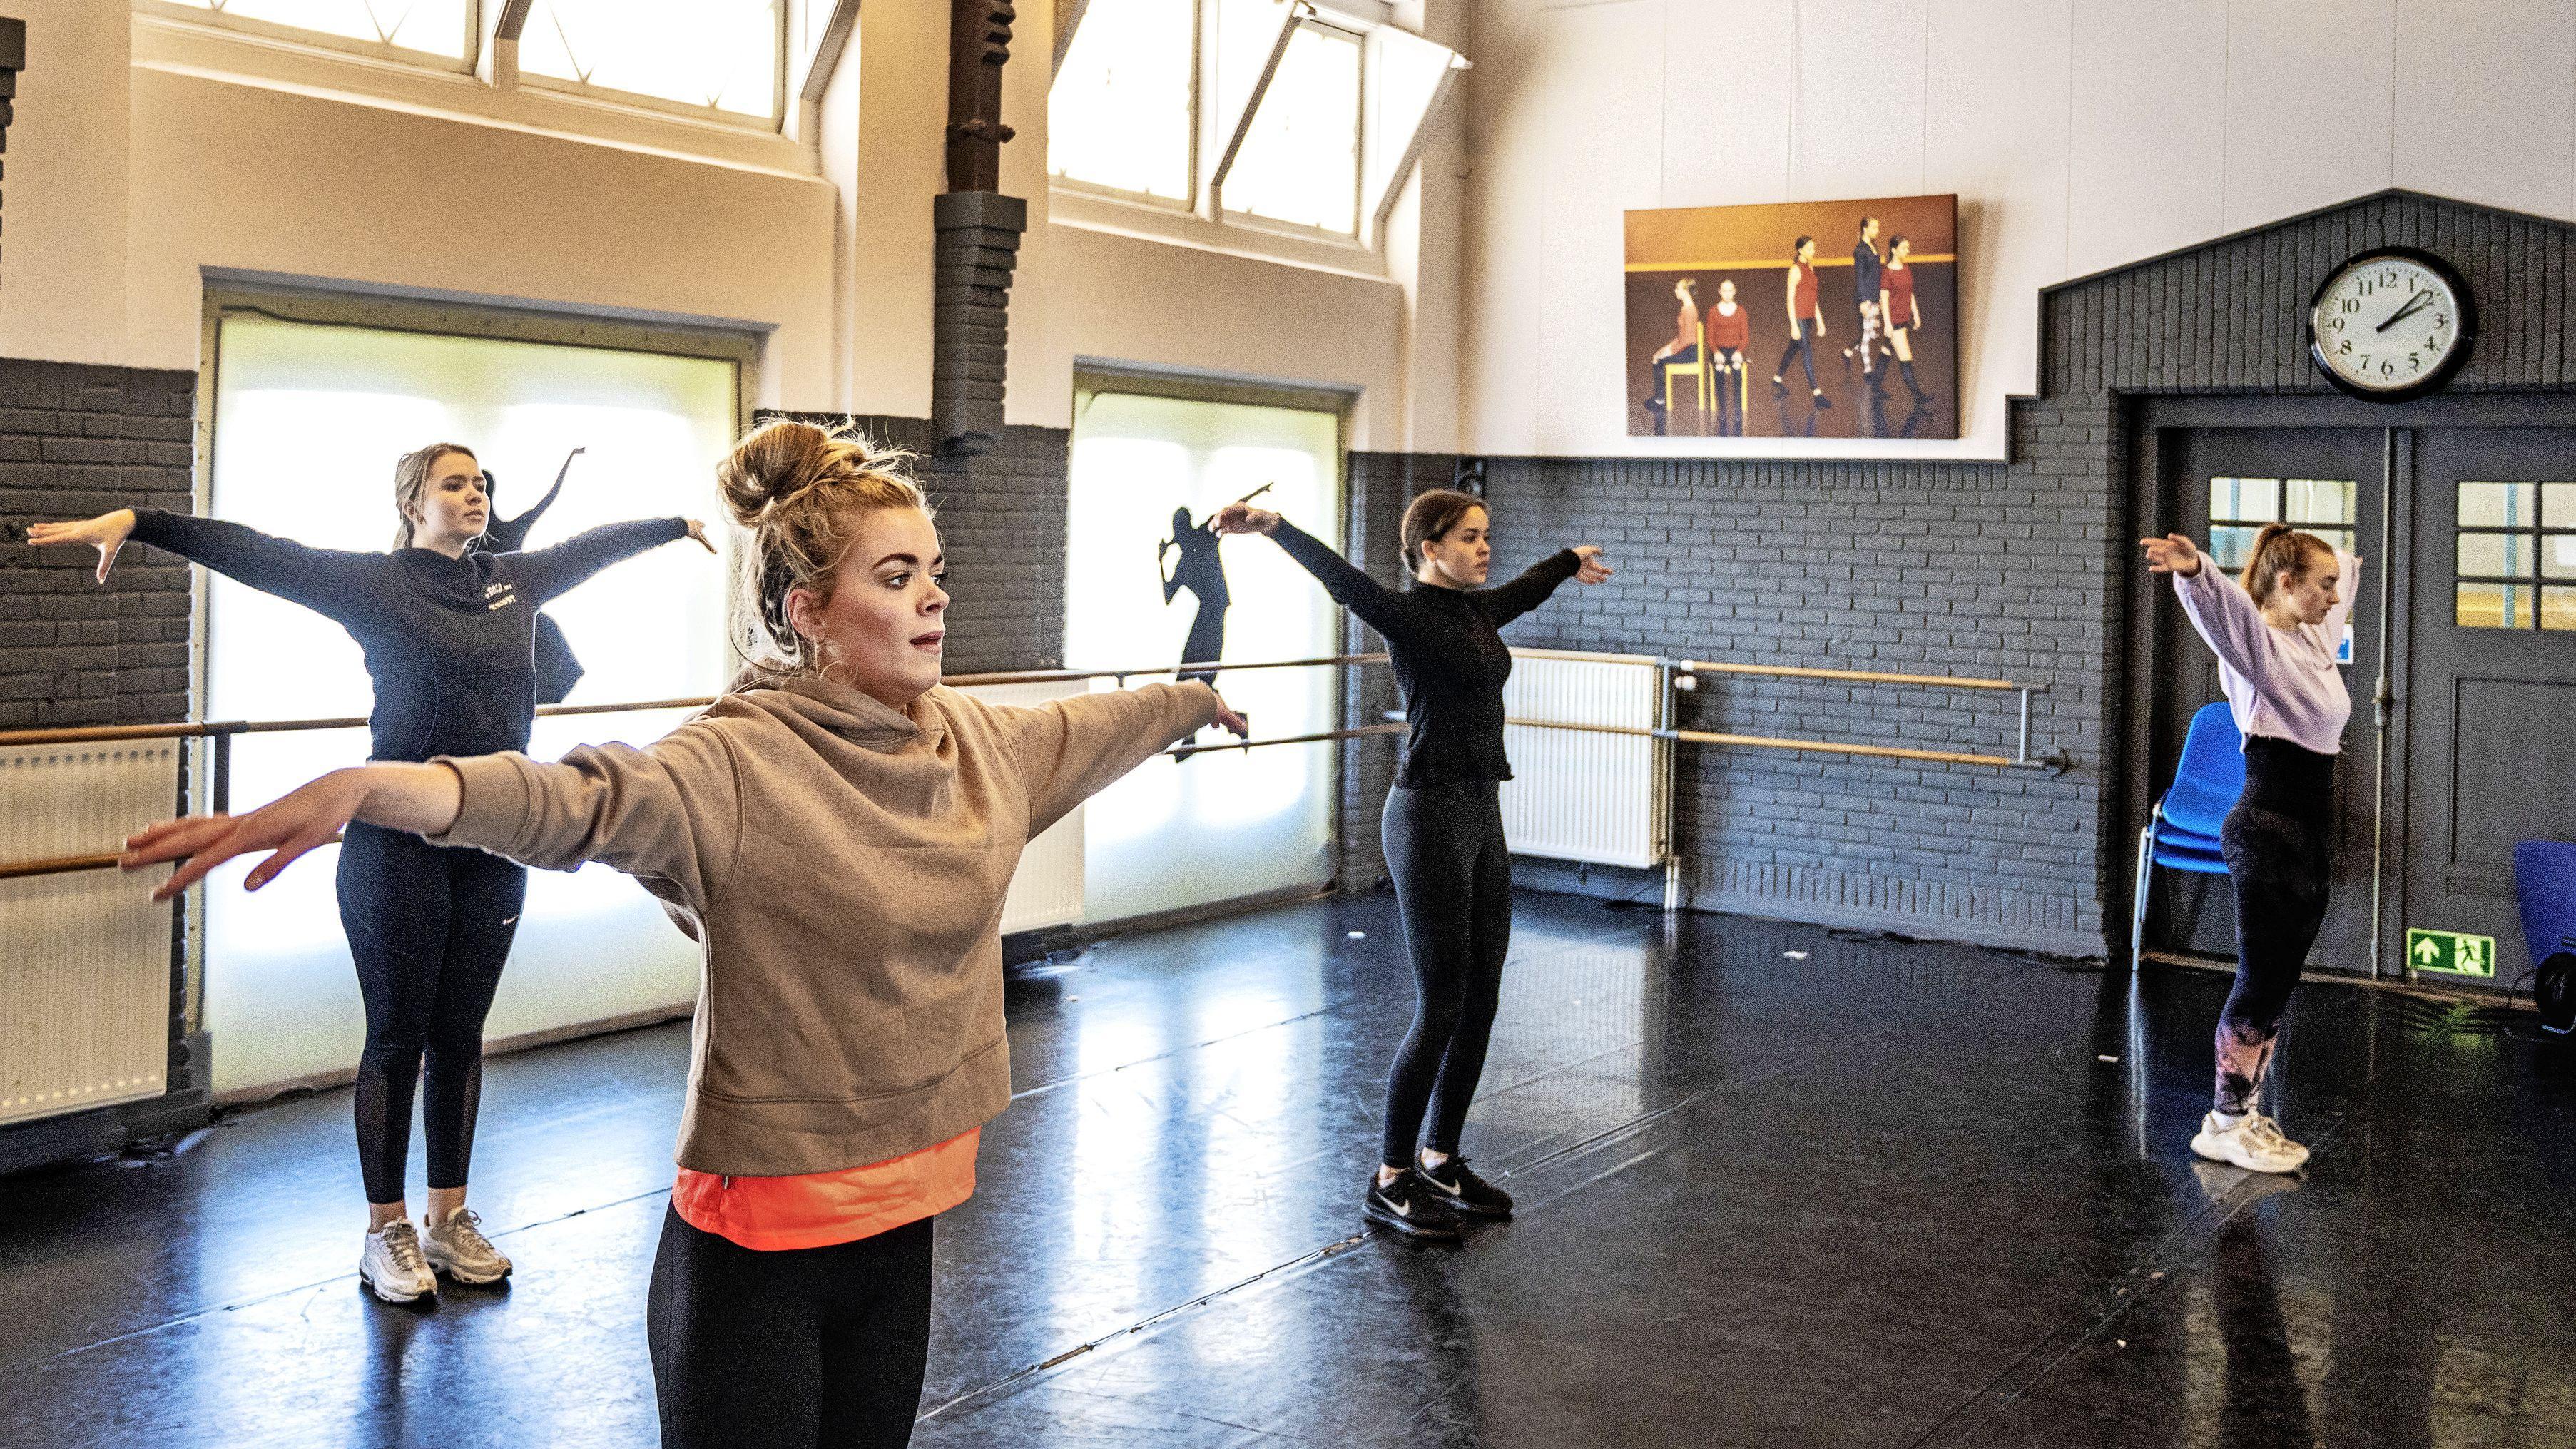 Danstherapie van Danceworks Velsen helpt mensen uit sociaal isolement: 'Je kan met je lijf vertellen wat je mond niet kan zeggen'